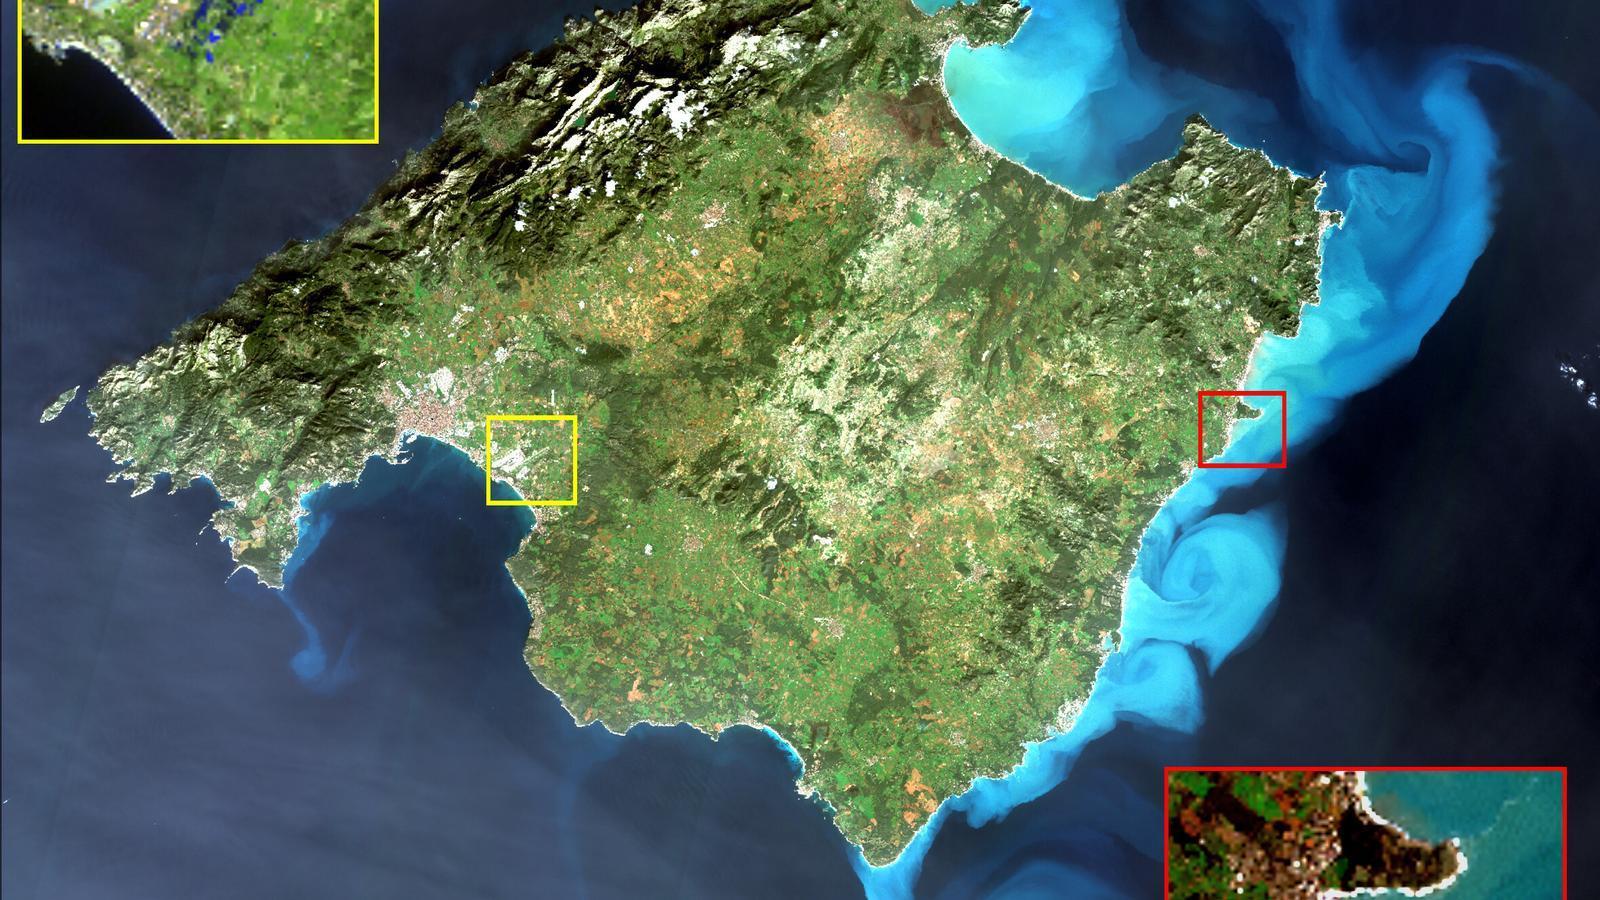 Imatge de Mallorca enregistrada pel satèl·lit Sentinel-2 el 23 de gener de 2020